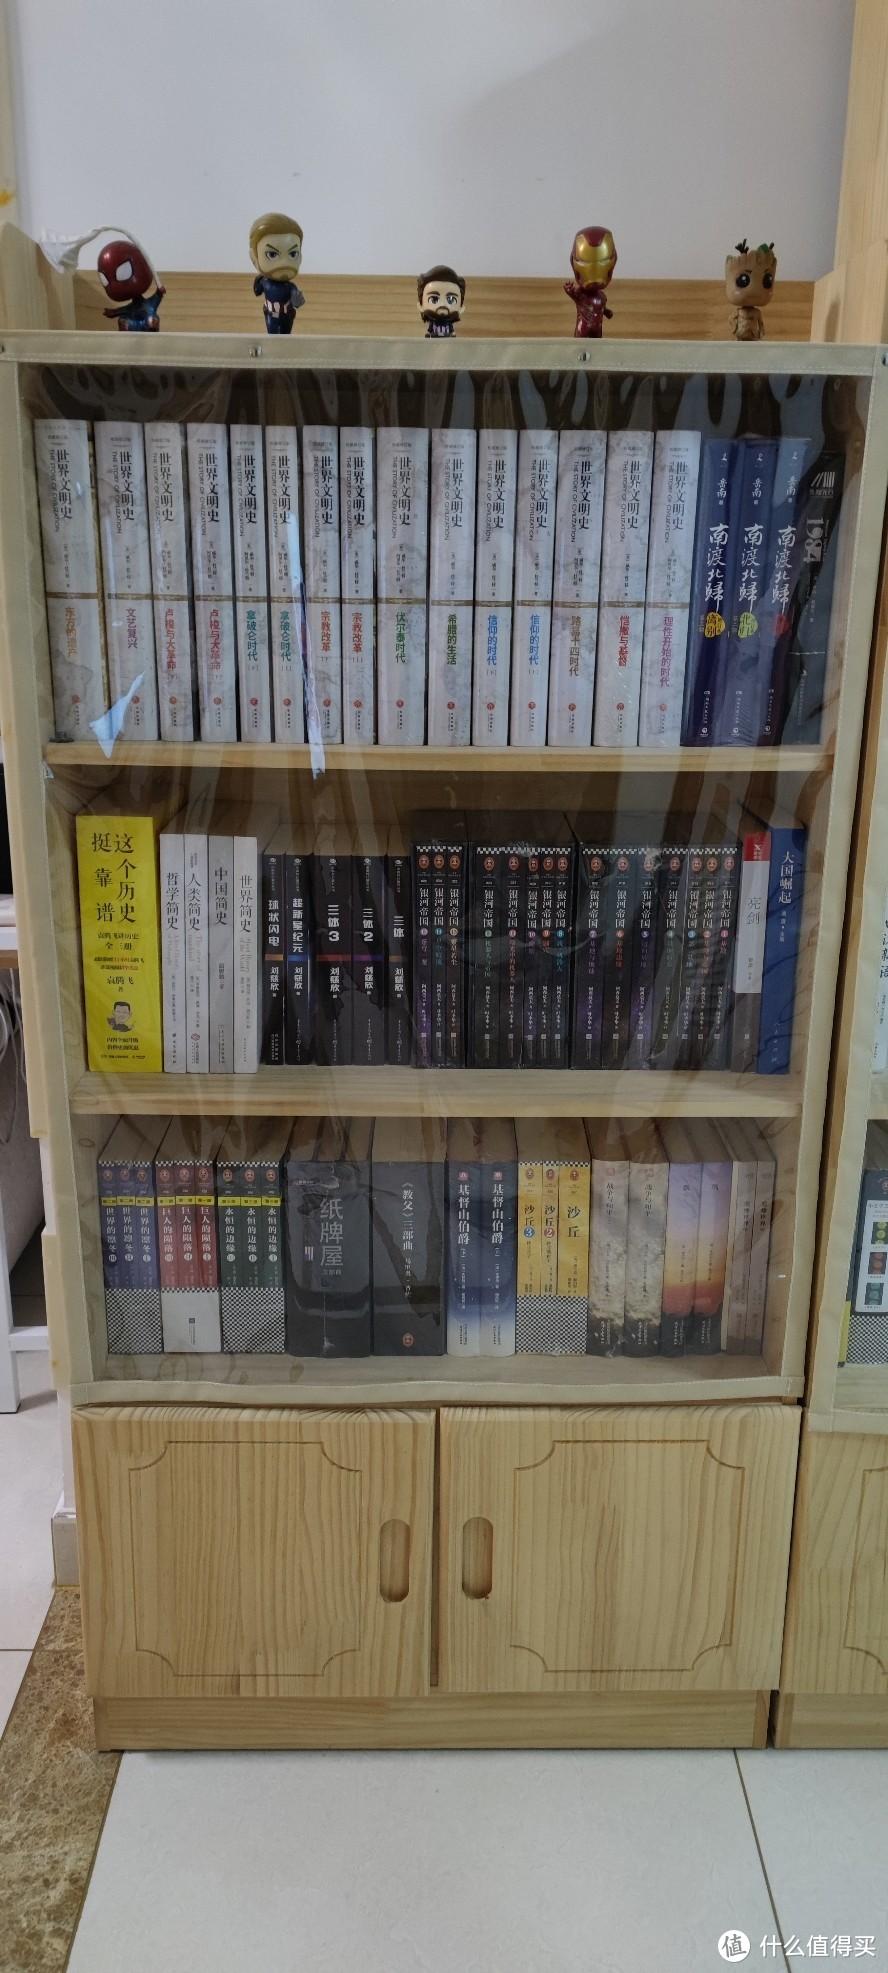 618我给家里的书柜增加了这些好书